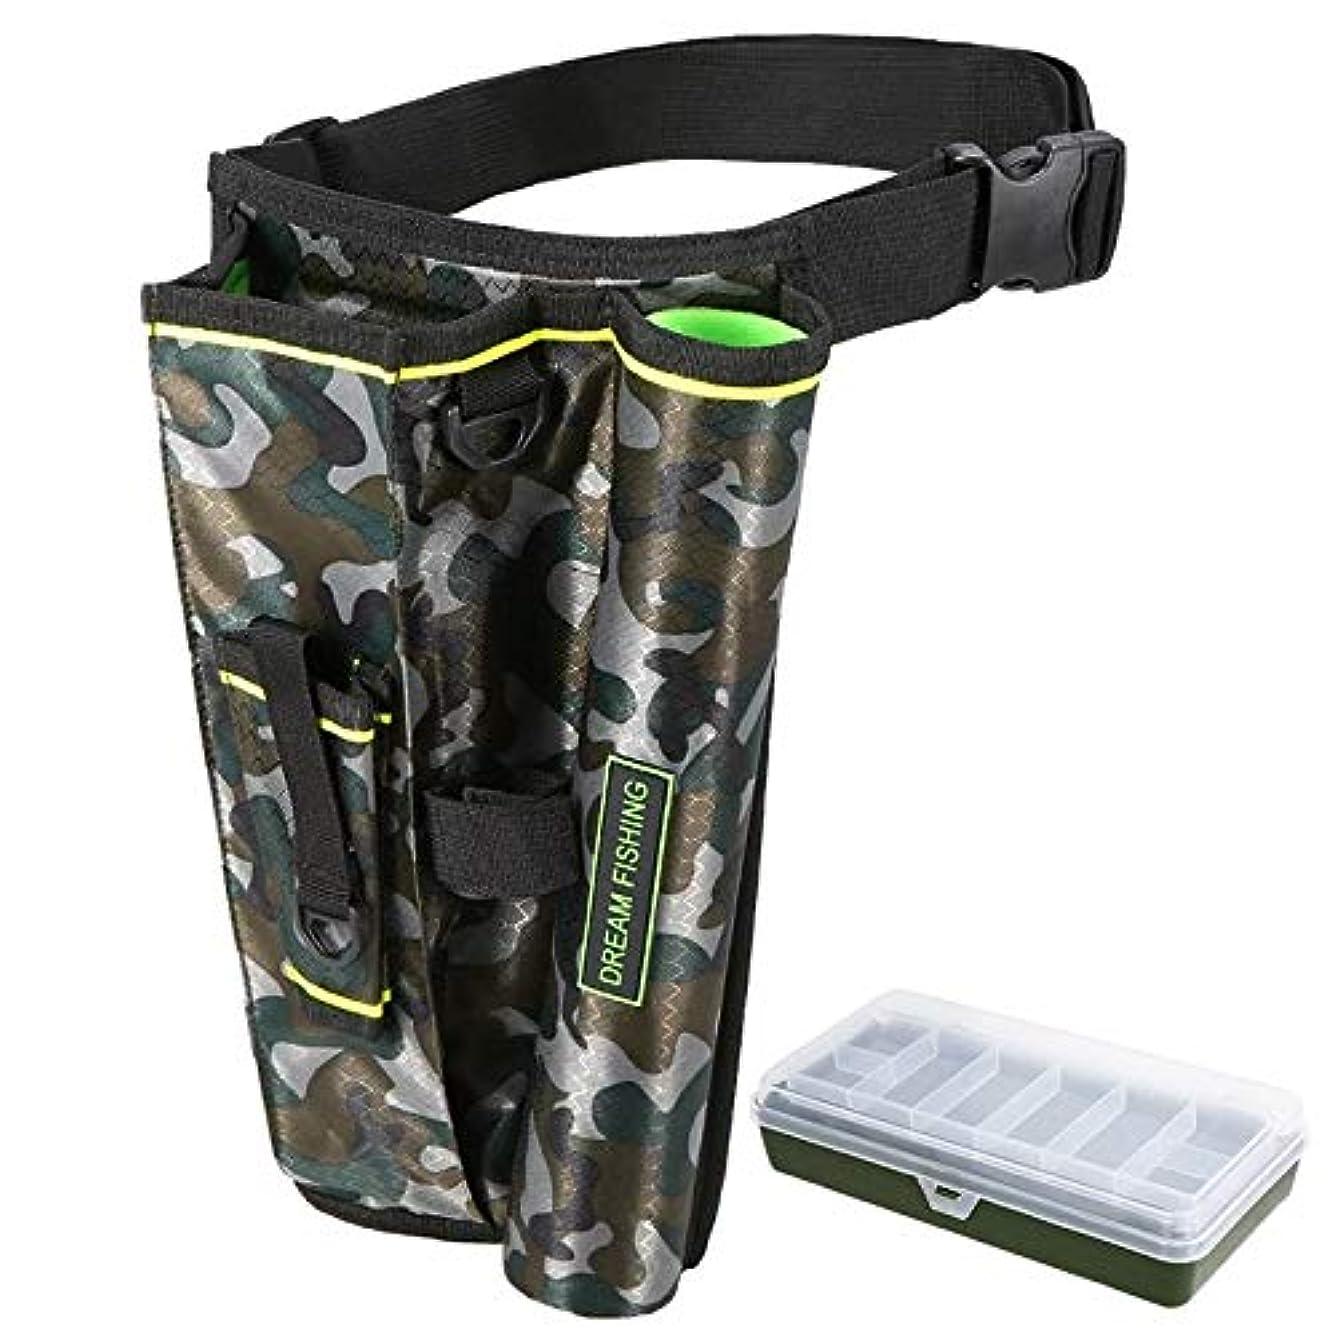 モンキー請負業者後継SODIAL 2 In 1 ポータブル釣りバッグタックルボックス折りたたみ釣り収納キャリーバッグ